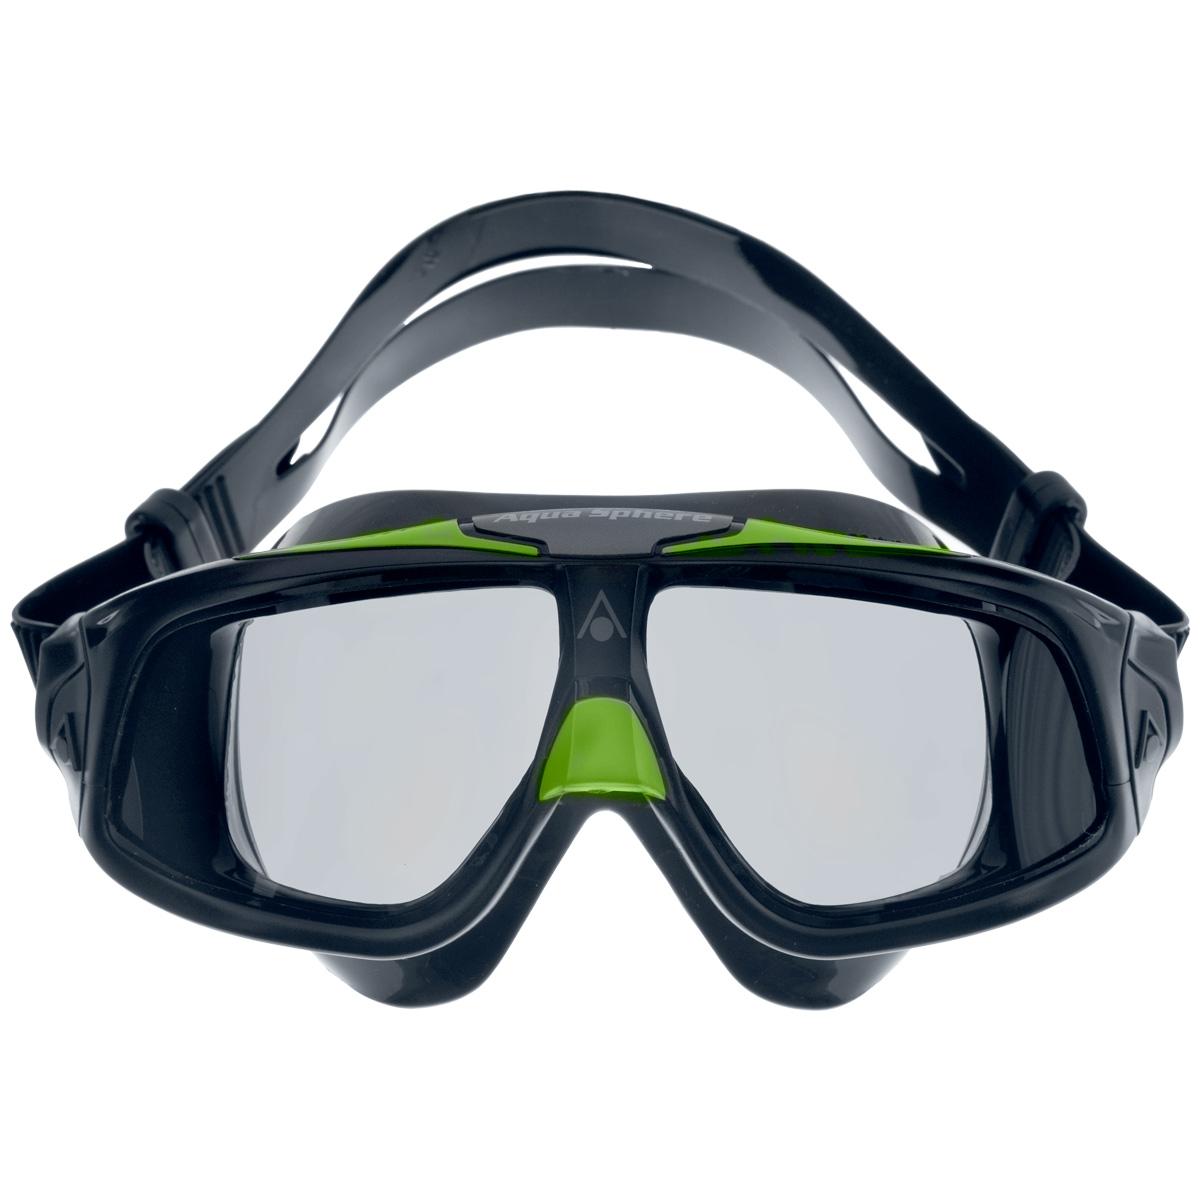 Очки для плавания Aqua Sphere Seal 2.0, цвет: черный, зеленыйTN 175150Aqua Sphere Seal 2.0 являются идеальными очками для тех, кто пользуется контактными линзами, так как они обеспечивают высокий уровень защиты глаз от внешних раздражителей, бактерий, соли и хлора.Особая форма линз обеспечивает панорамный обзор 180°. Очки дают 100% защиту от ультрафиолетового излучения. Специальное покрытие препятствует запотеванию стекол.Материал: силикон, plexisol.